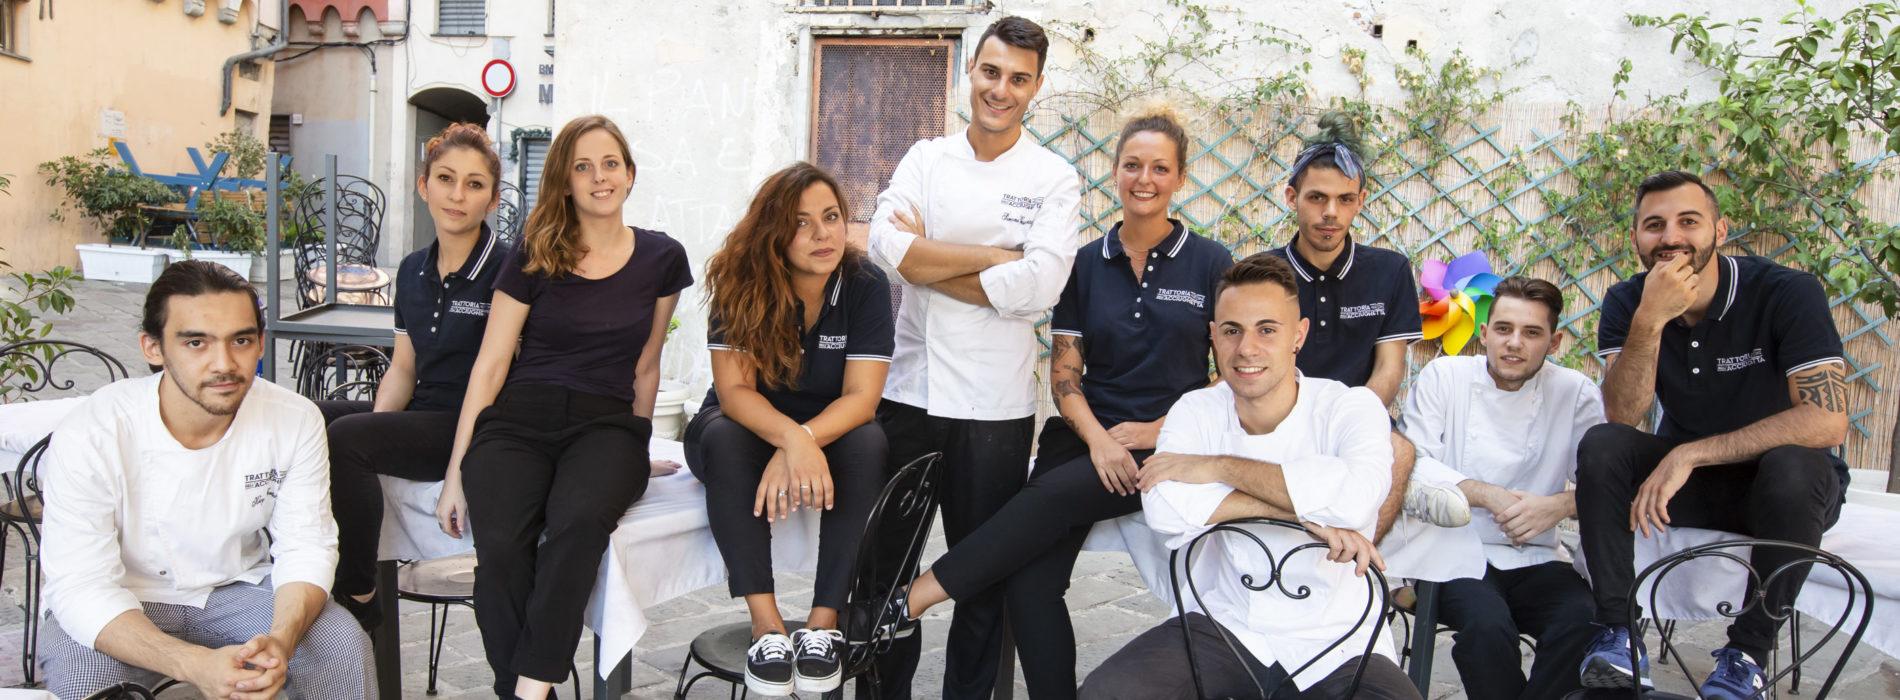 Trattoria dell'Acciughetta Genova, resistenza in via Prè con lo chef Vesuviano tra polpo fritto e gelato all'acciuga